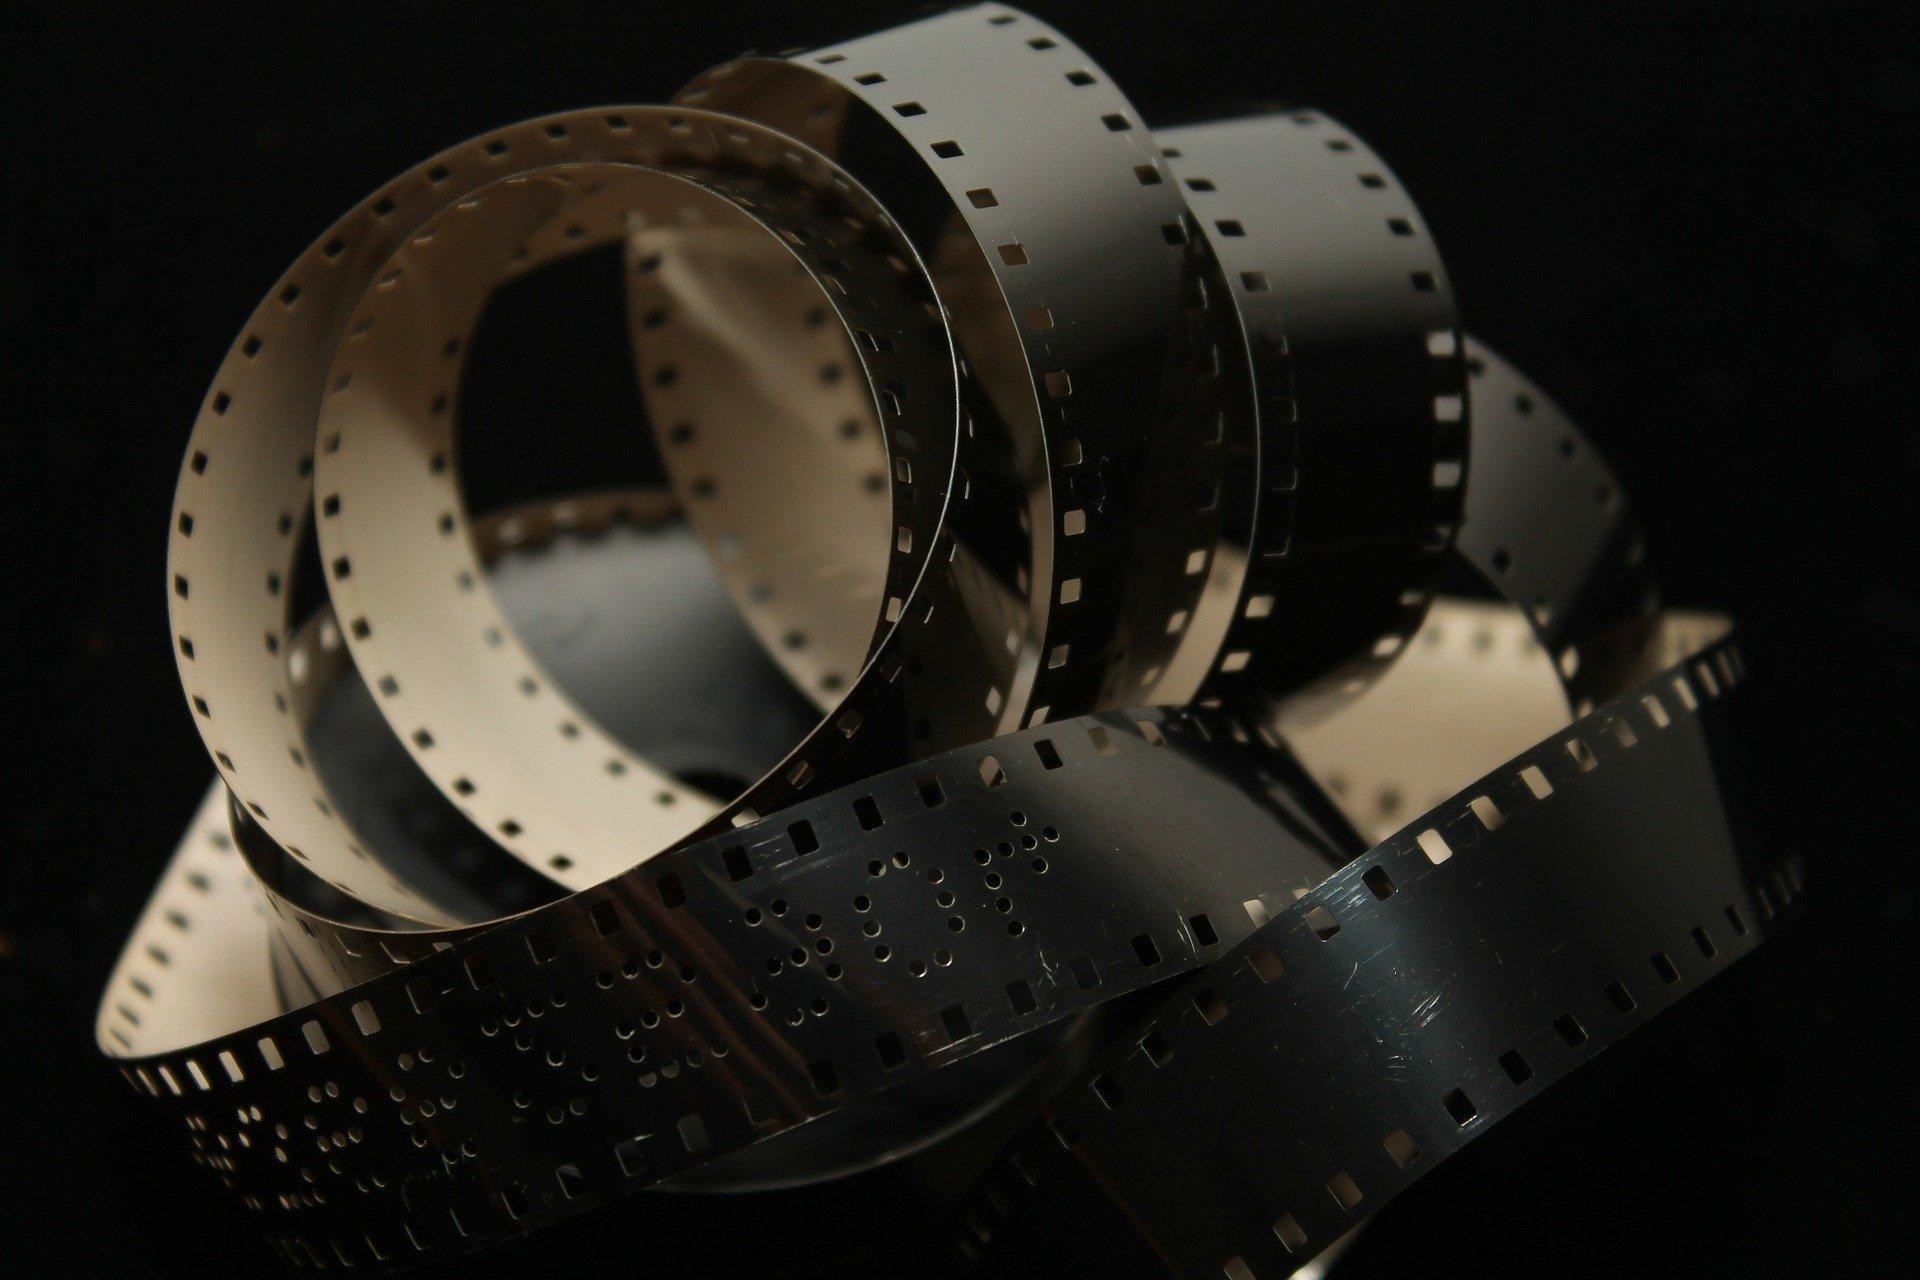 Actorul craiovean Cosmin Dolea, recunoaștere internațională pentru un film mut făcut în pandemie